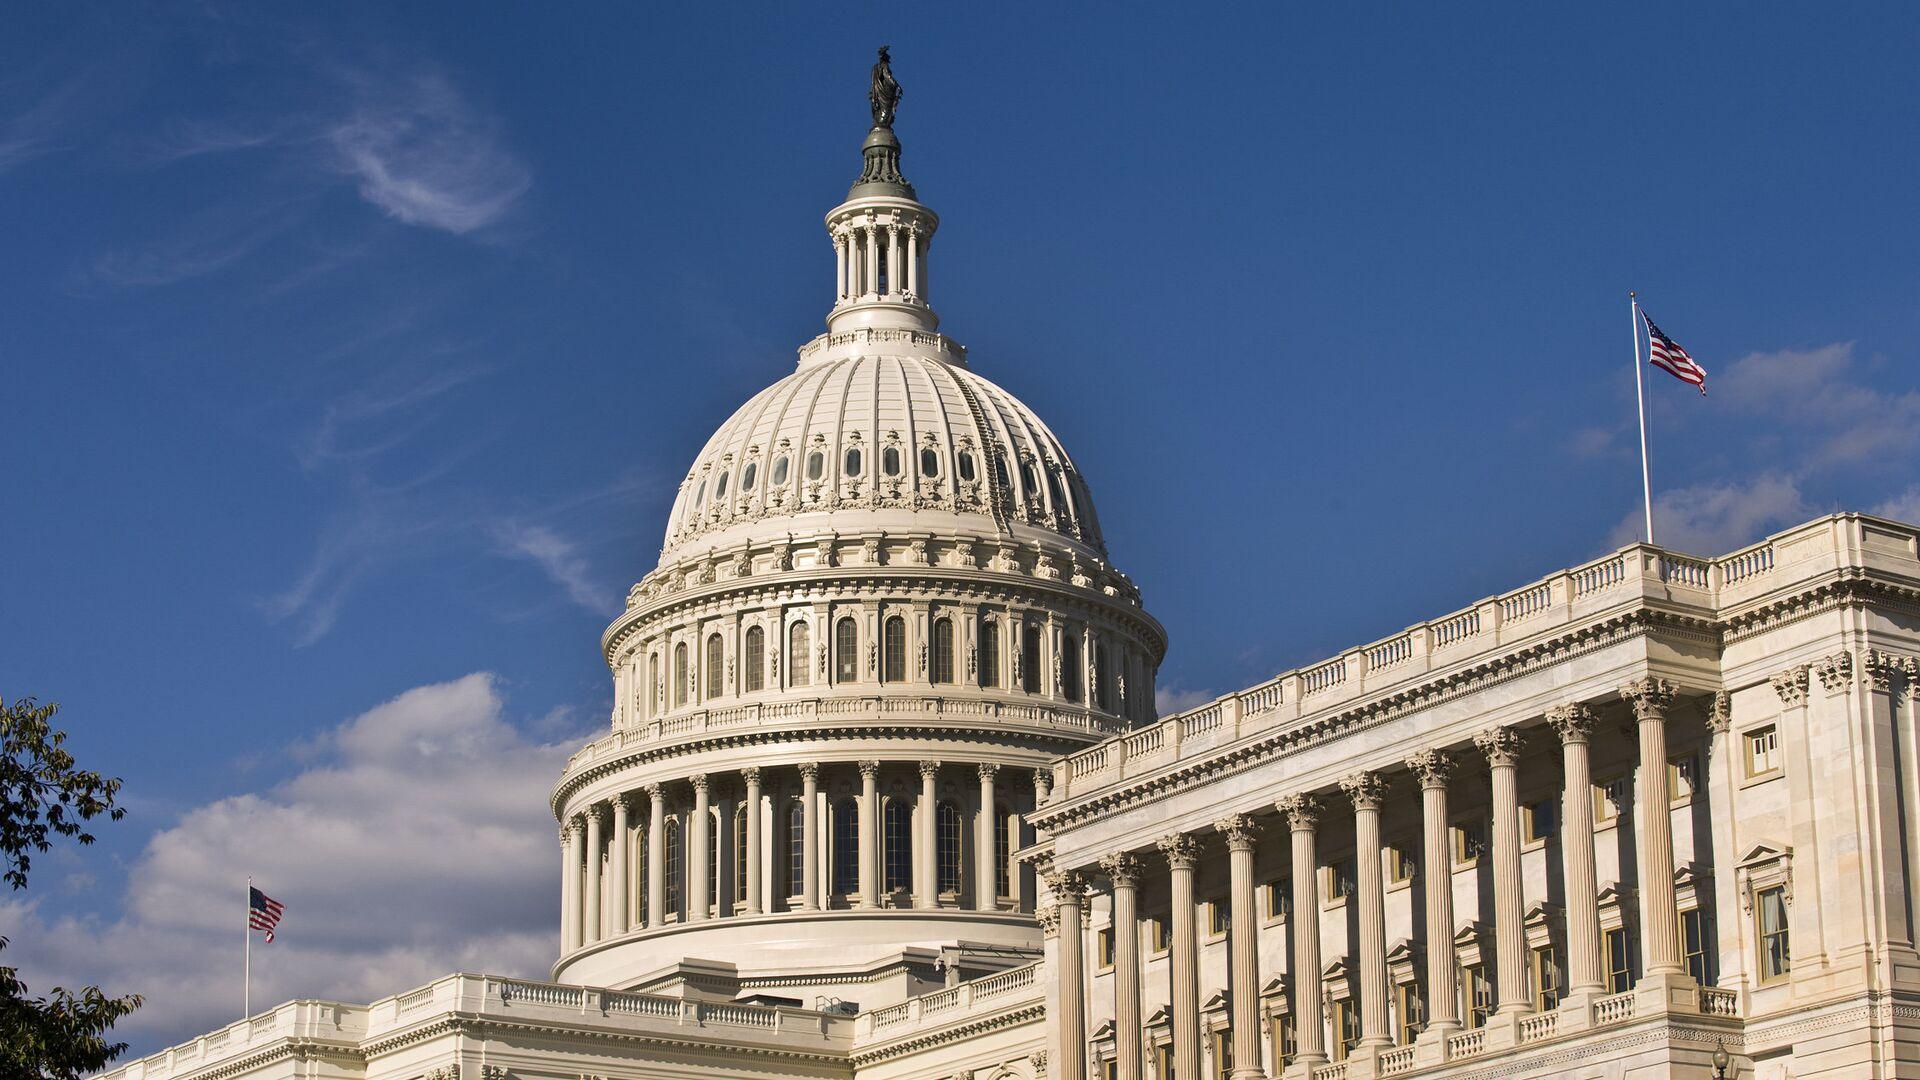 Здание американского Сената в Вашингтоне  - РИА Новости, 1920, 03.10.2021